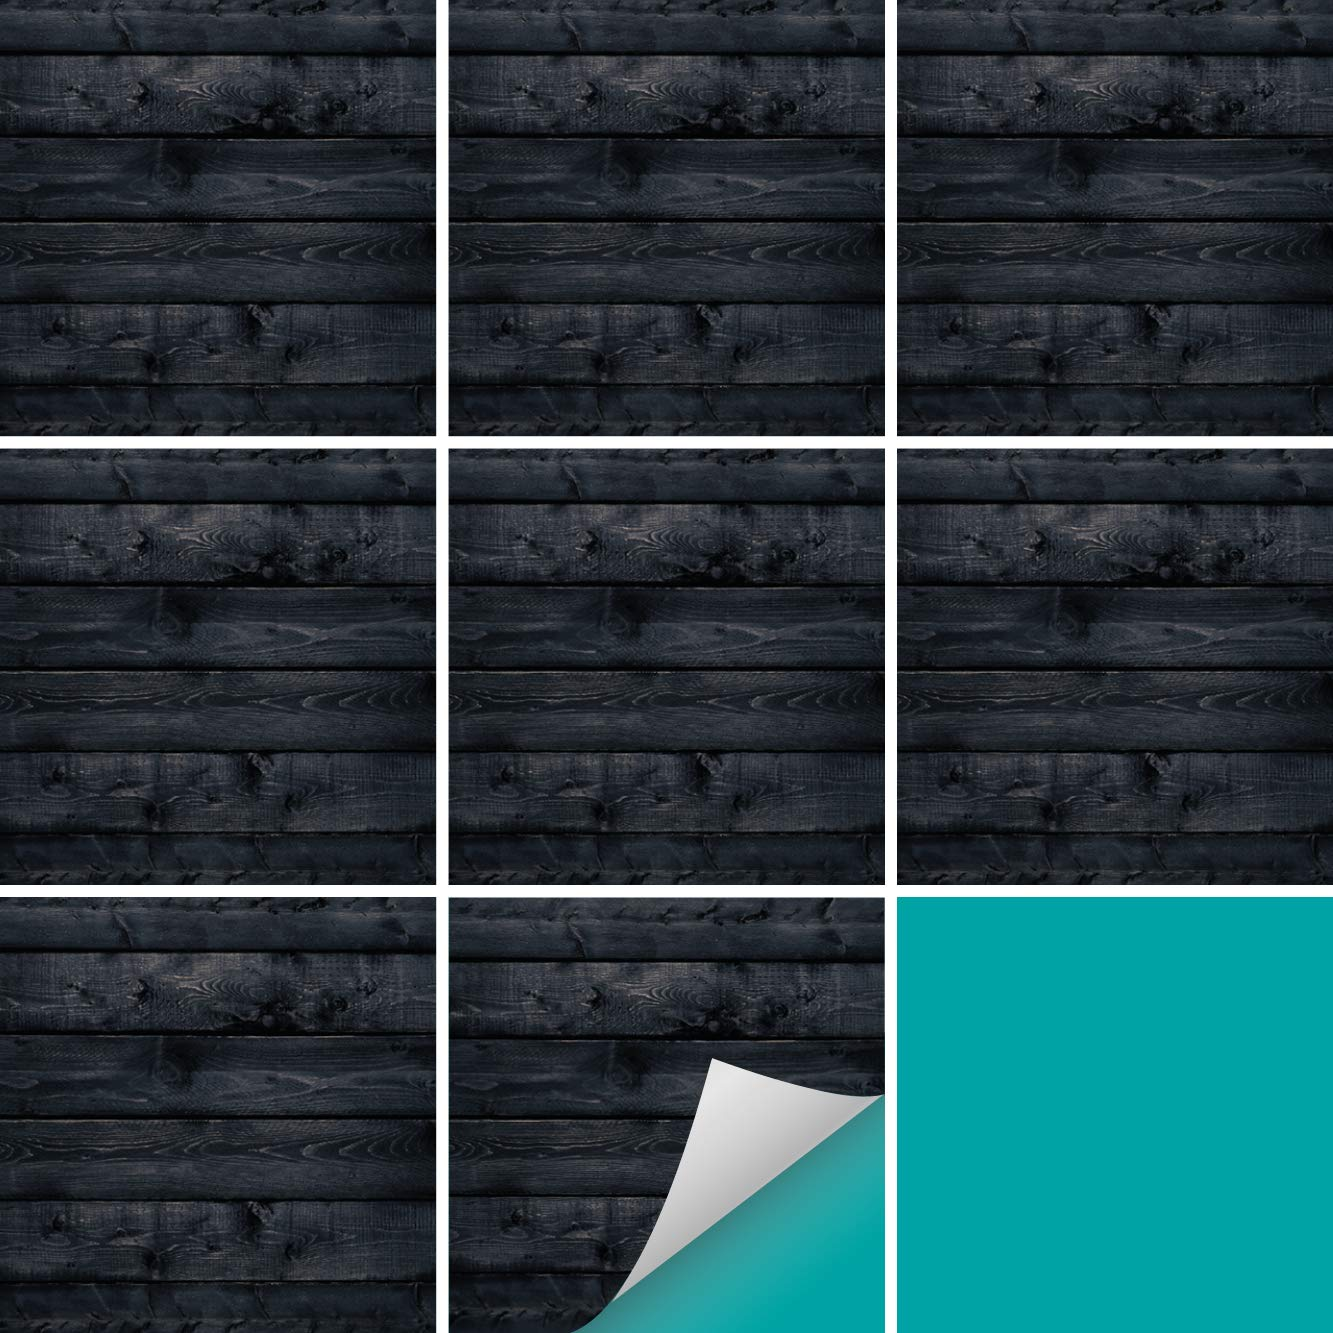 PrintYourHome PrintYourHome PrintYourHome Fliesenaufkleber für Küche und Bad   Dekor Marmor Weiß Schwarz   Fliesenfolie für 15x15cm Fliesen   152 Stück   Klebefliesen günstig in 1A Qualität B07GT1612R Fliesenaufkleber 1ef105